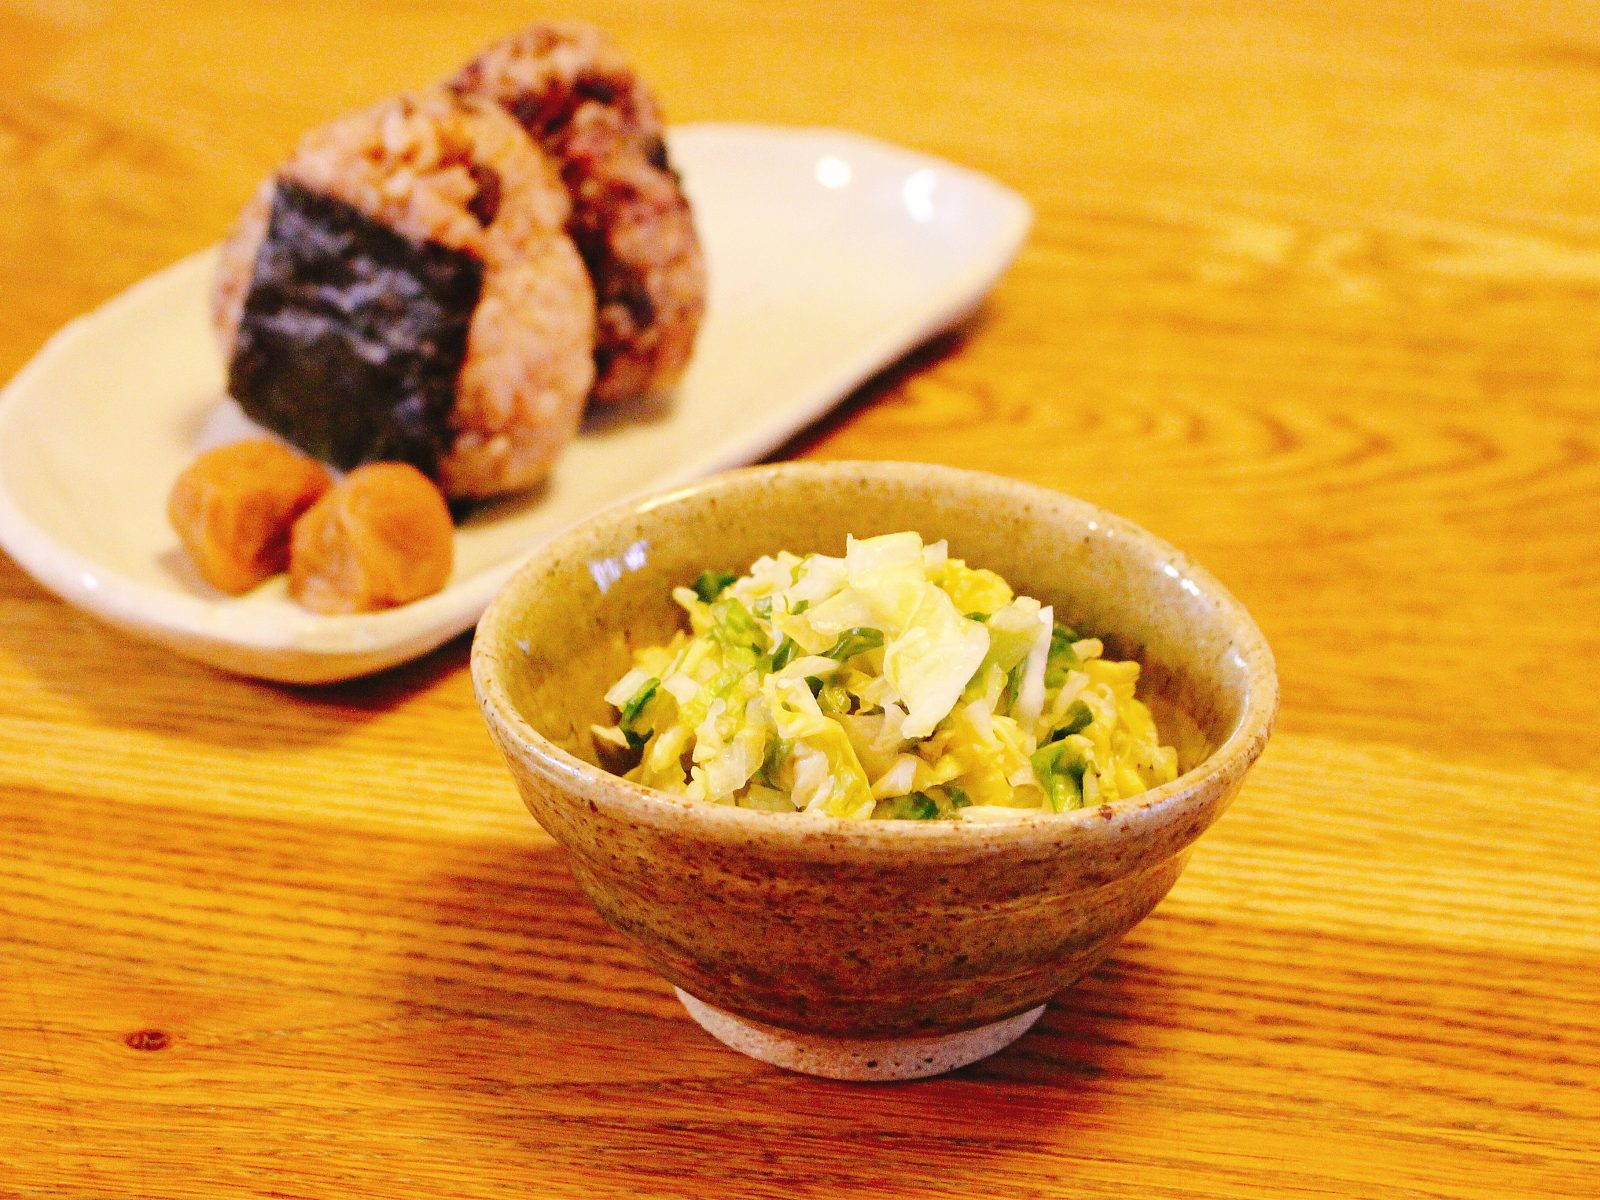 酢キャベツ&玄米+あの発酵食で【ヤセ菌】を増やせるか!? 10日間体験レポート#1